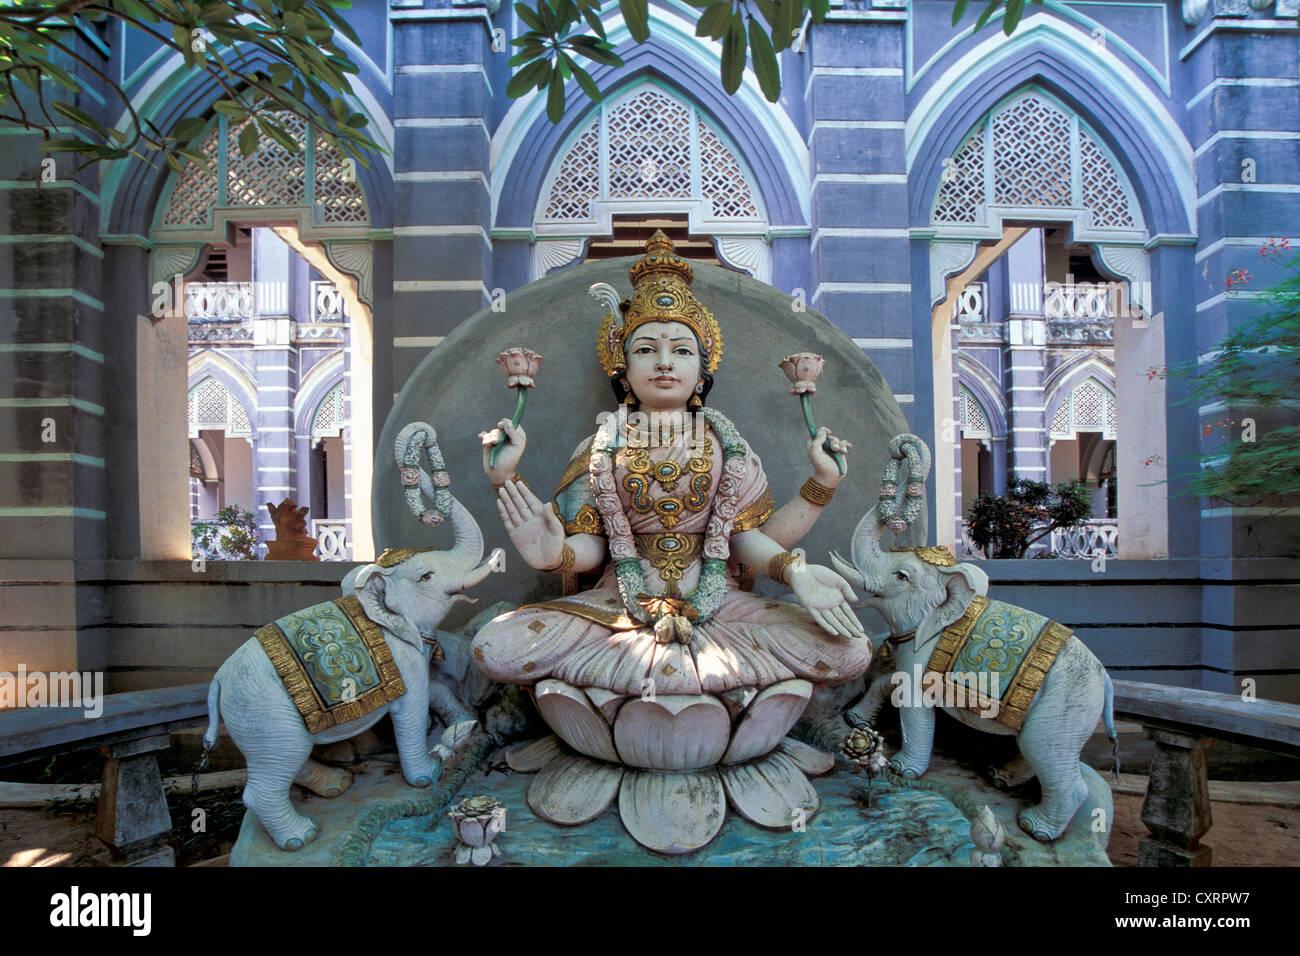 Laxmi oder Lakshmi, die hinduistische Göttin steht für Glück, Schönheit, Harmonie und Wohlstand, flankiert von zwei Stockfoto